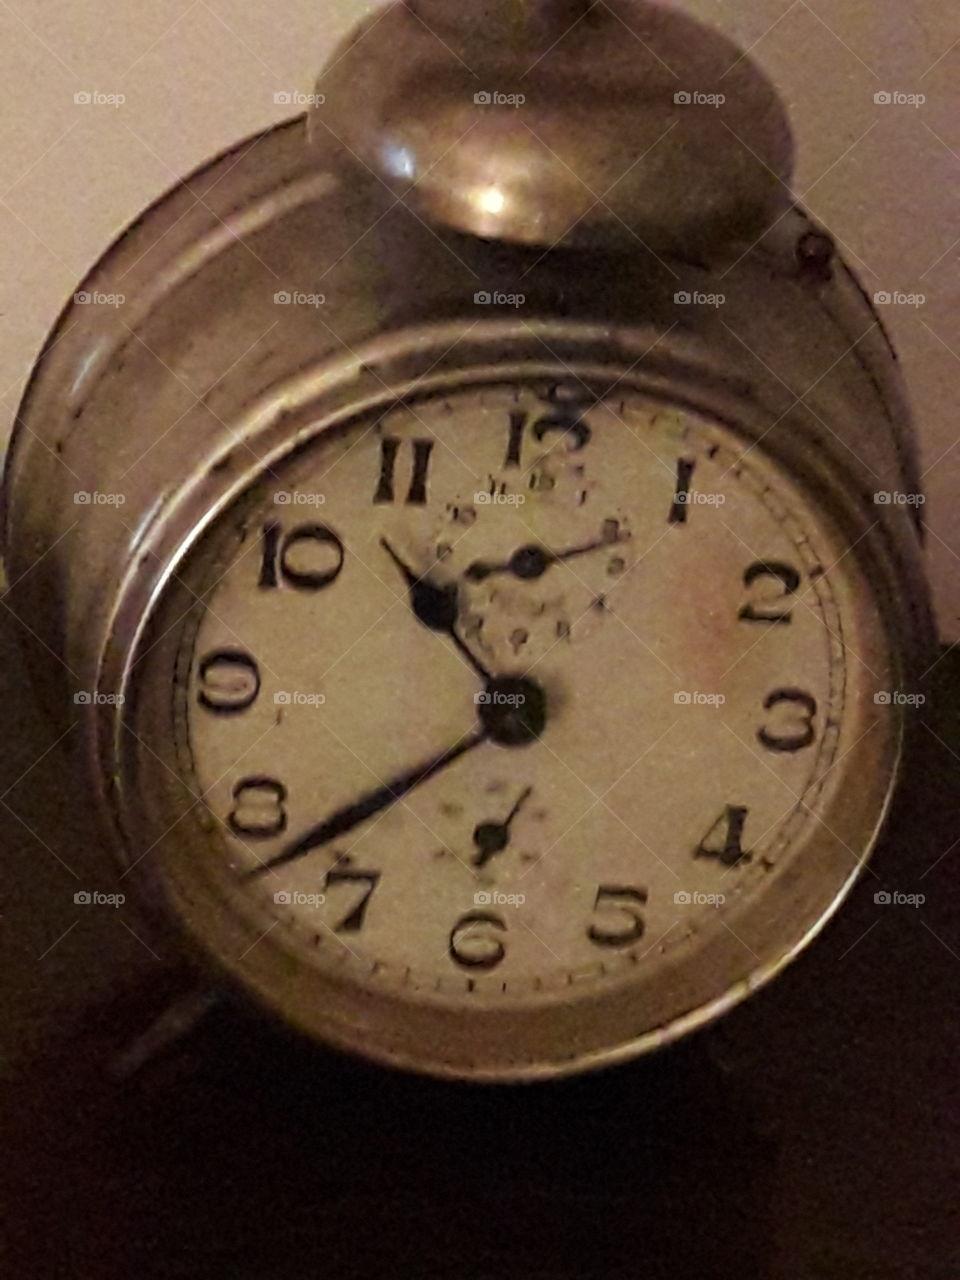 Old stile watch